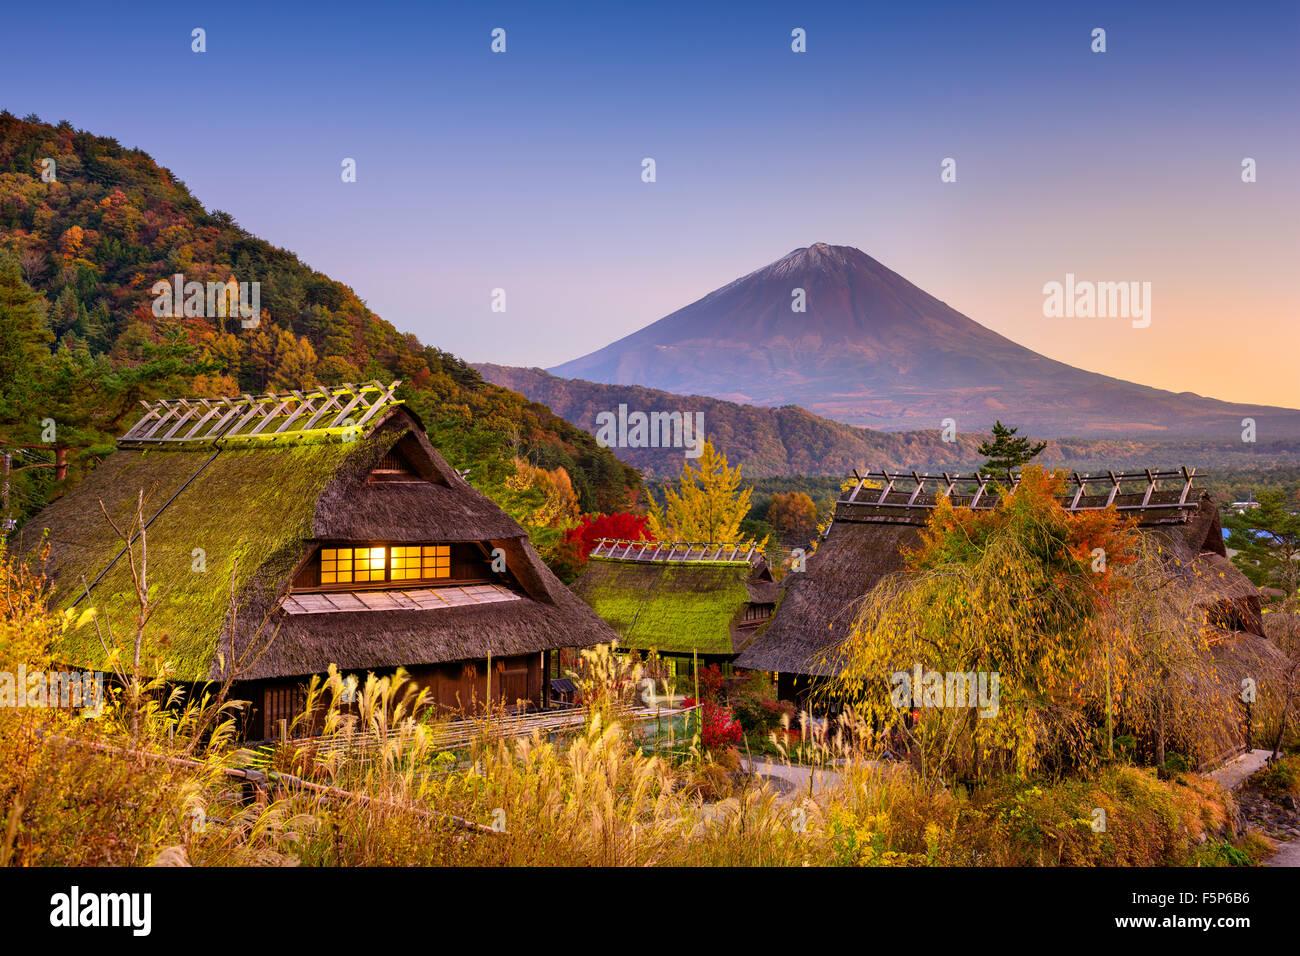 Il monte Fuji, Giappone dal punto di vista di un villaggio storico. Immagini Stock